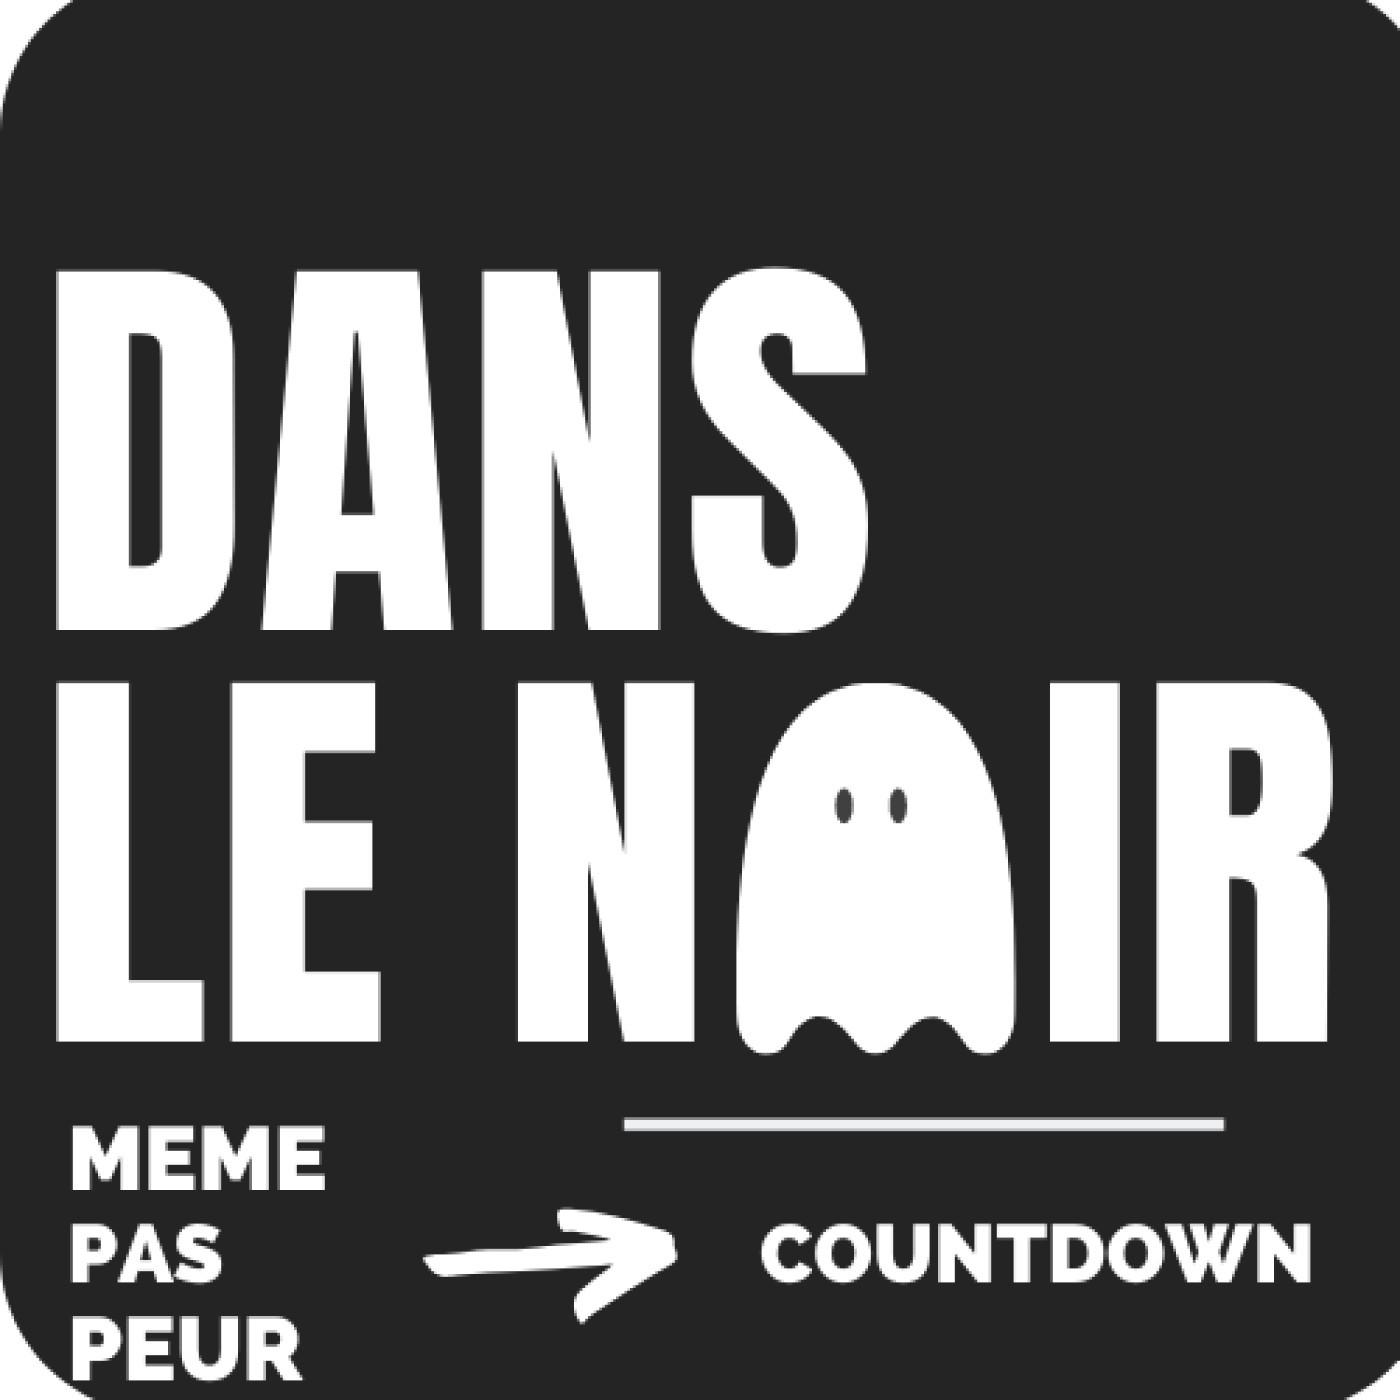 #MemePasPeur - Countdown